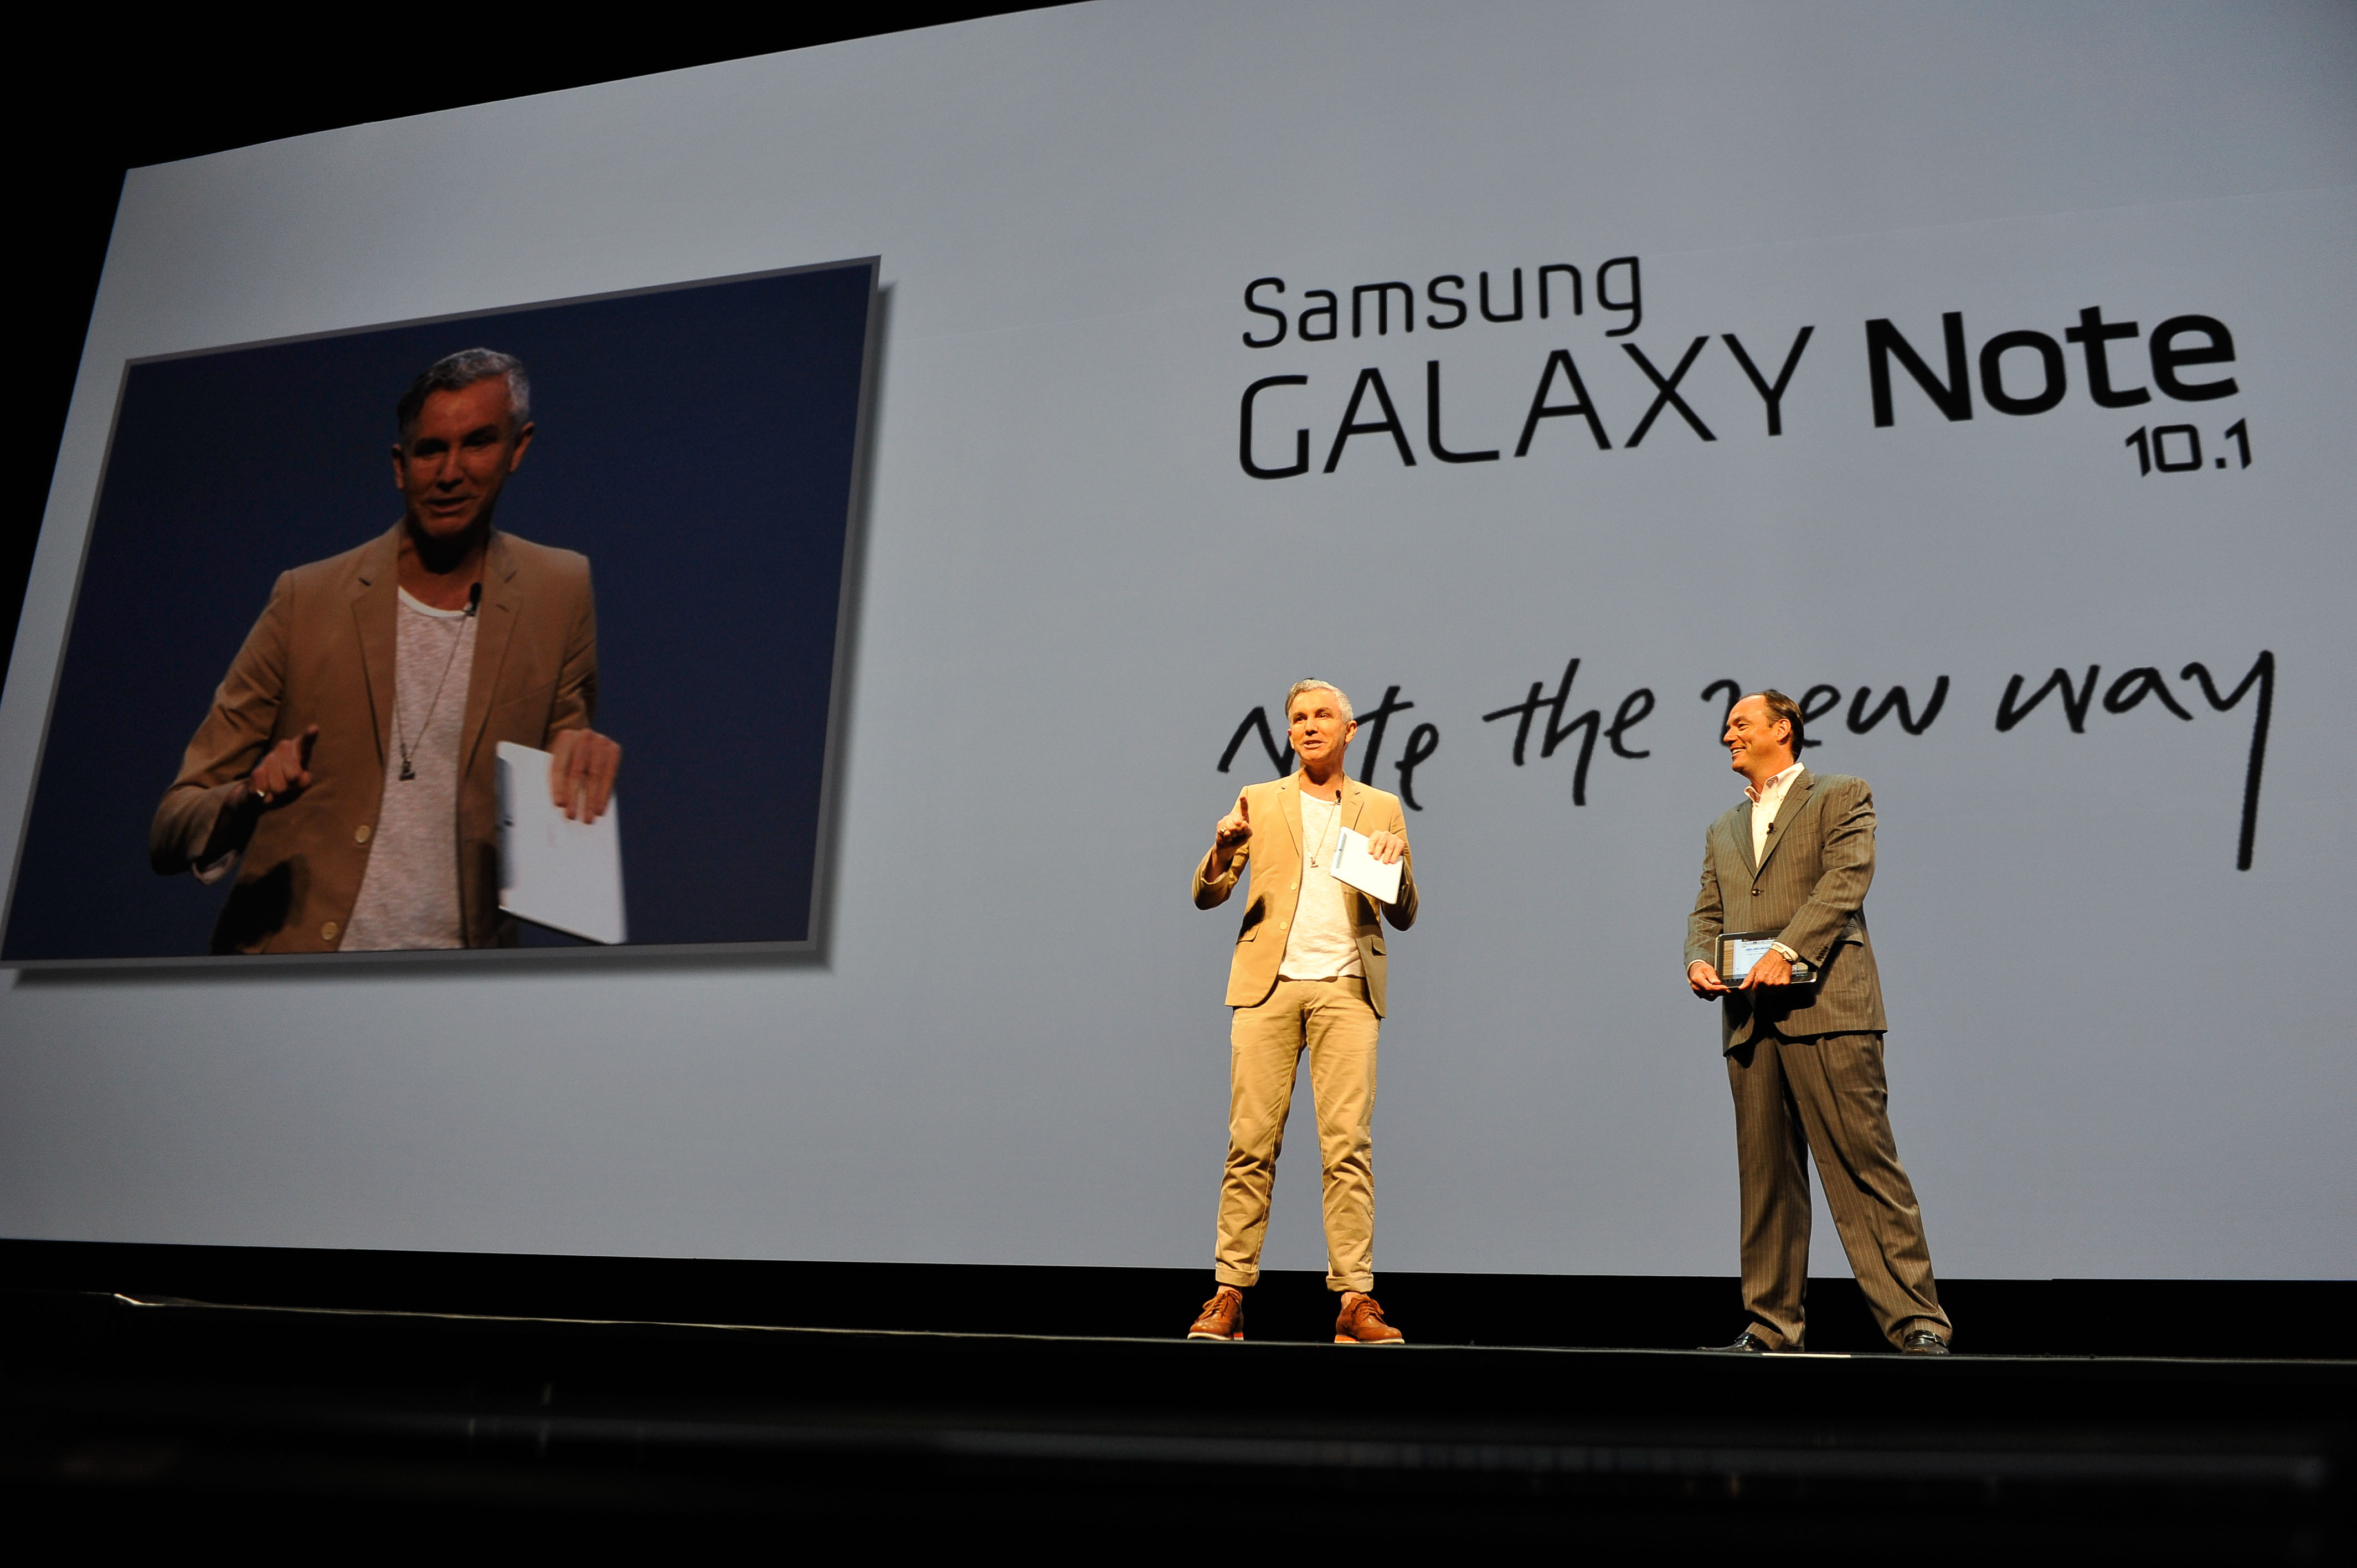 갤럭시 노트10.1론칭행사에서 영화감독 바즈루만(왼쪽)과 삼성전자 미국법인(SEA) 부문장 팀 백스터가 갤럭시노트 10.1를 선보이고 있다